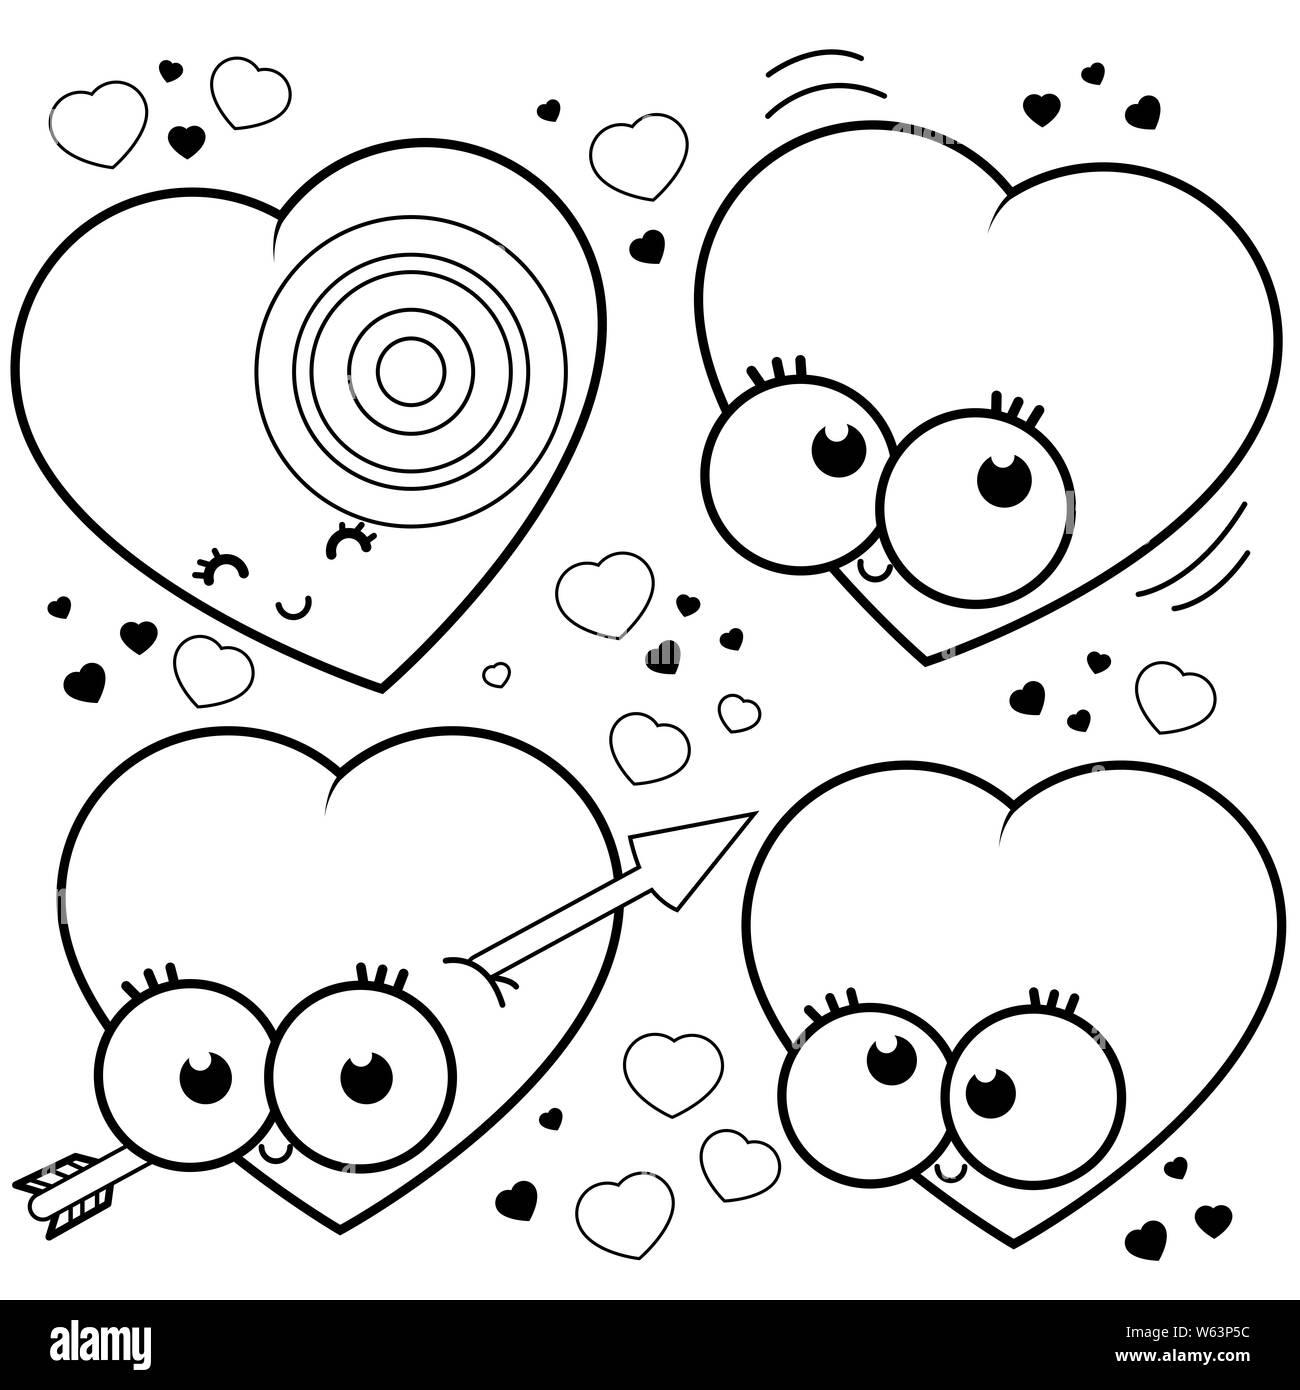 Amor De Dibujos Animados Imagenes De Stock Amor De Dibujos